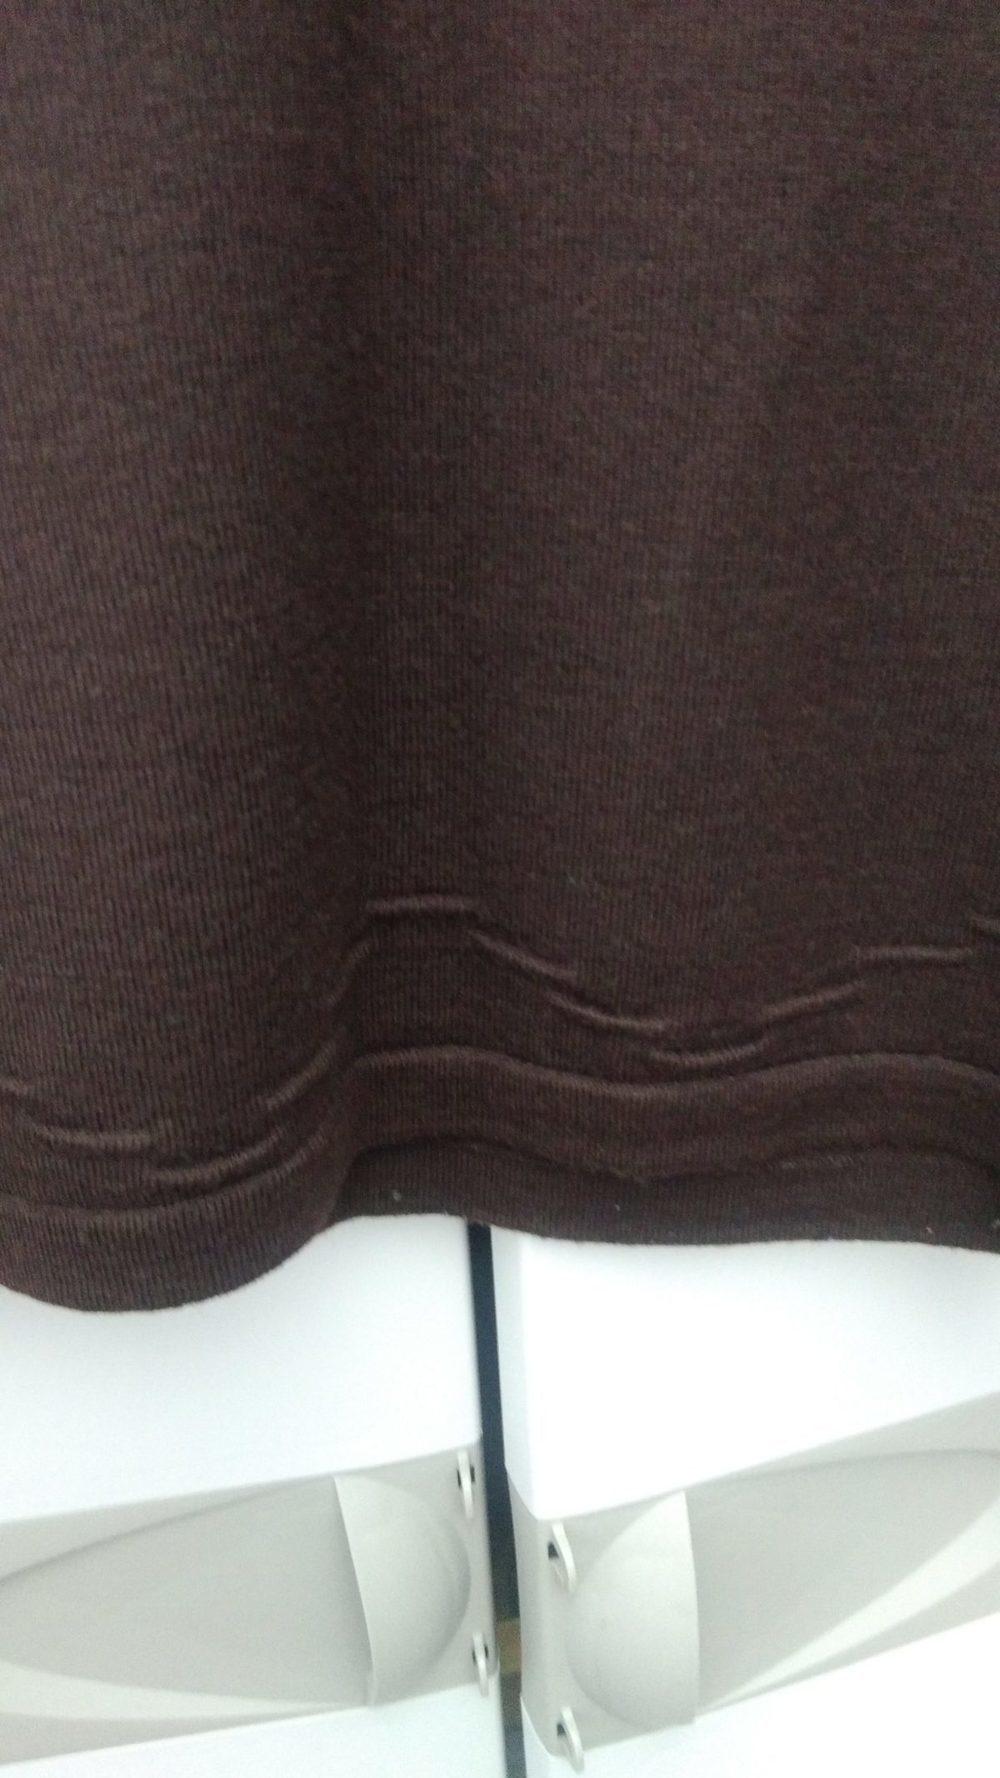 Camisola em malha manga curta  castanho escuro 2